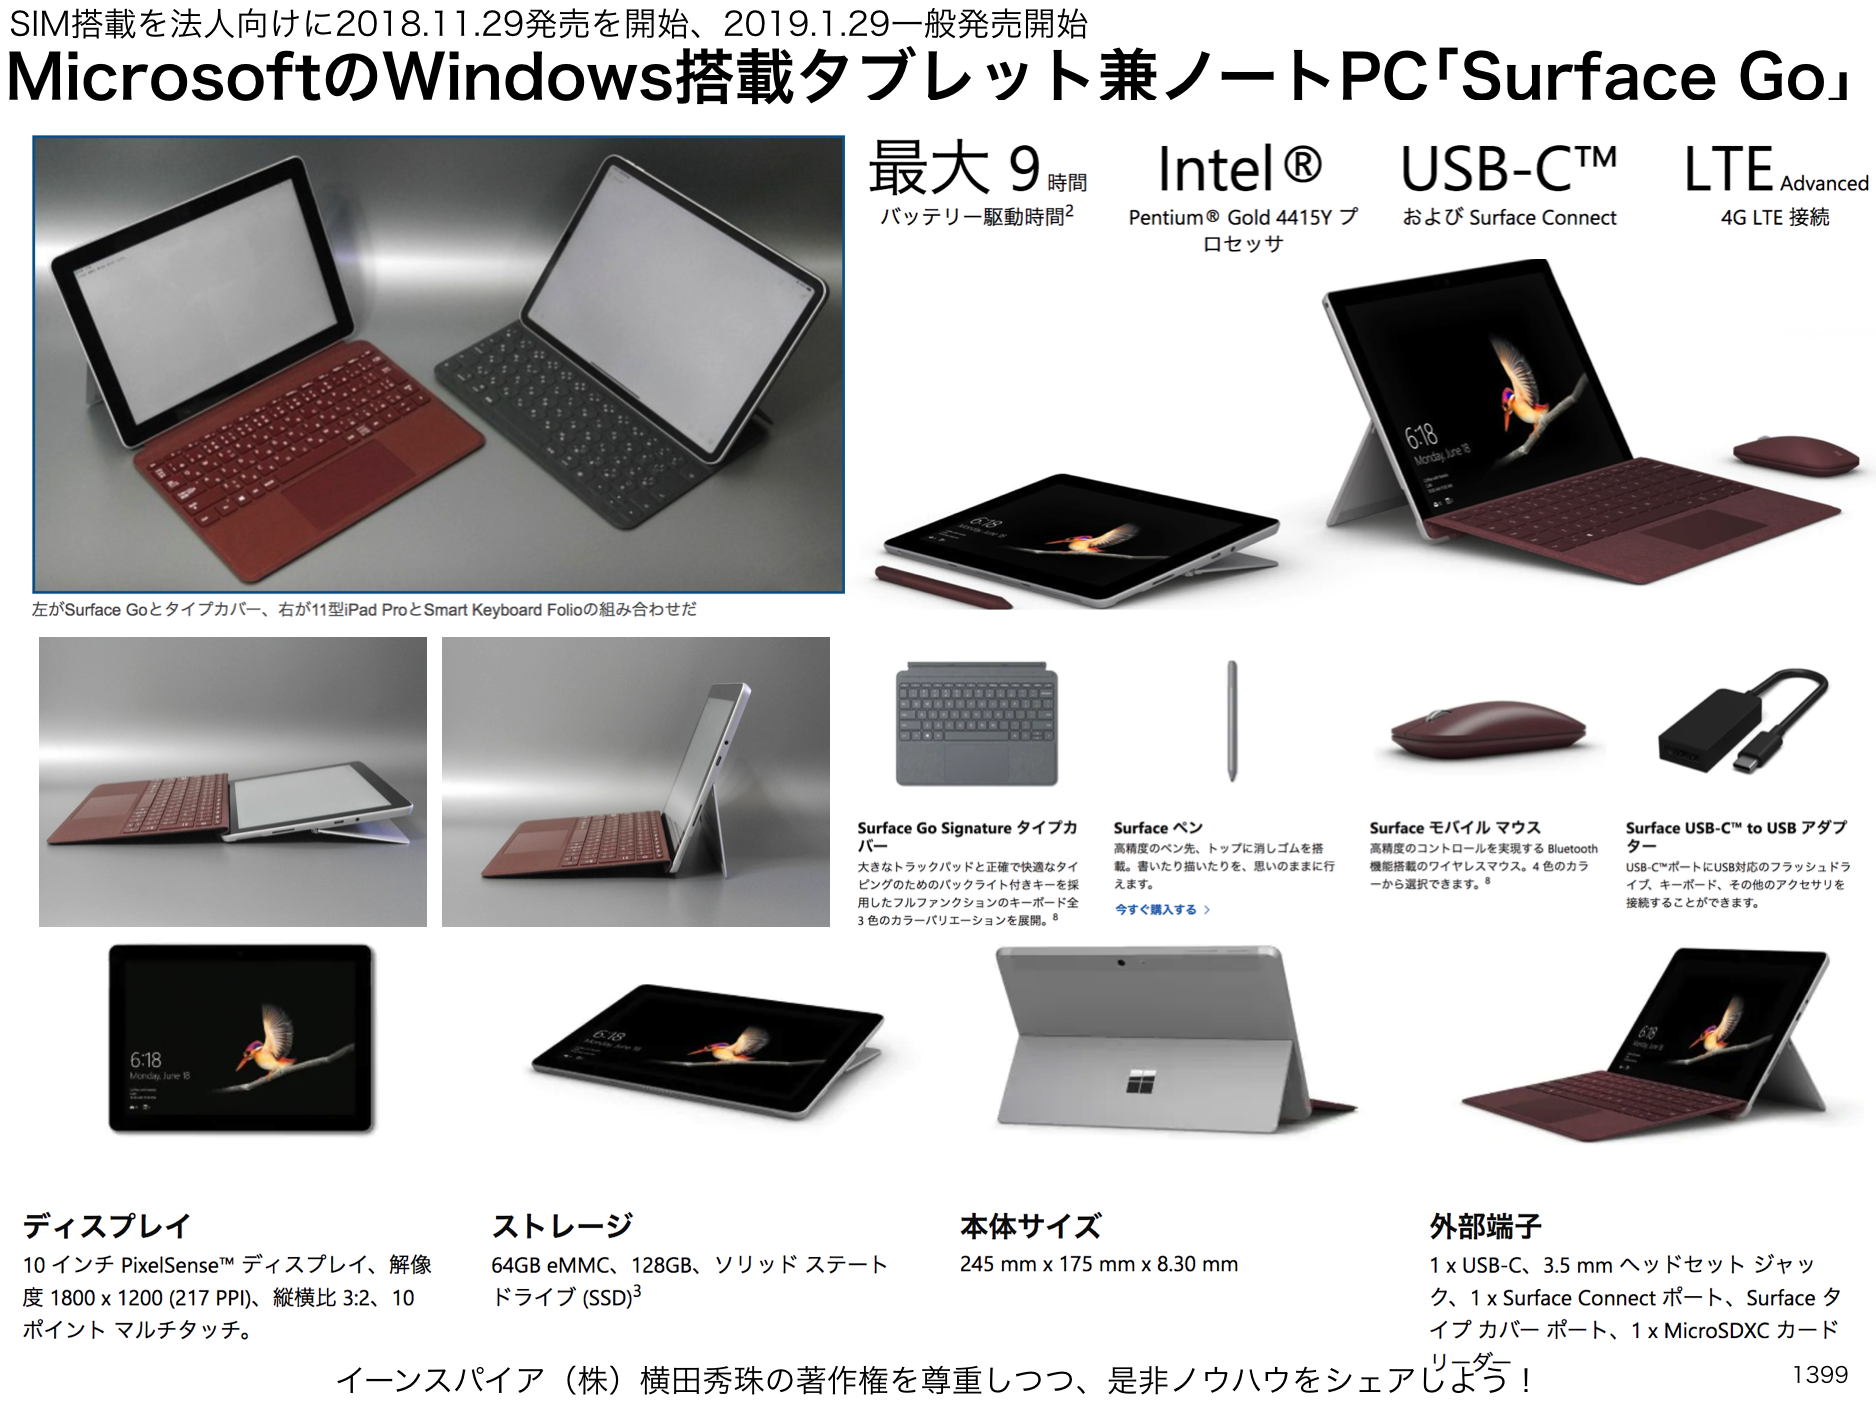 Microsoft・Windowsタブレット&ノートPC「Surface Go」